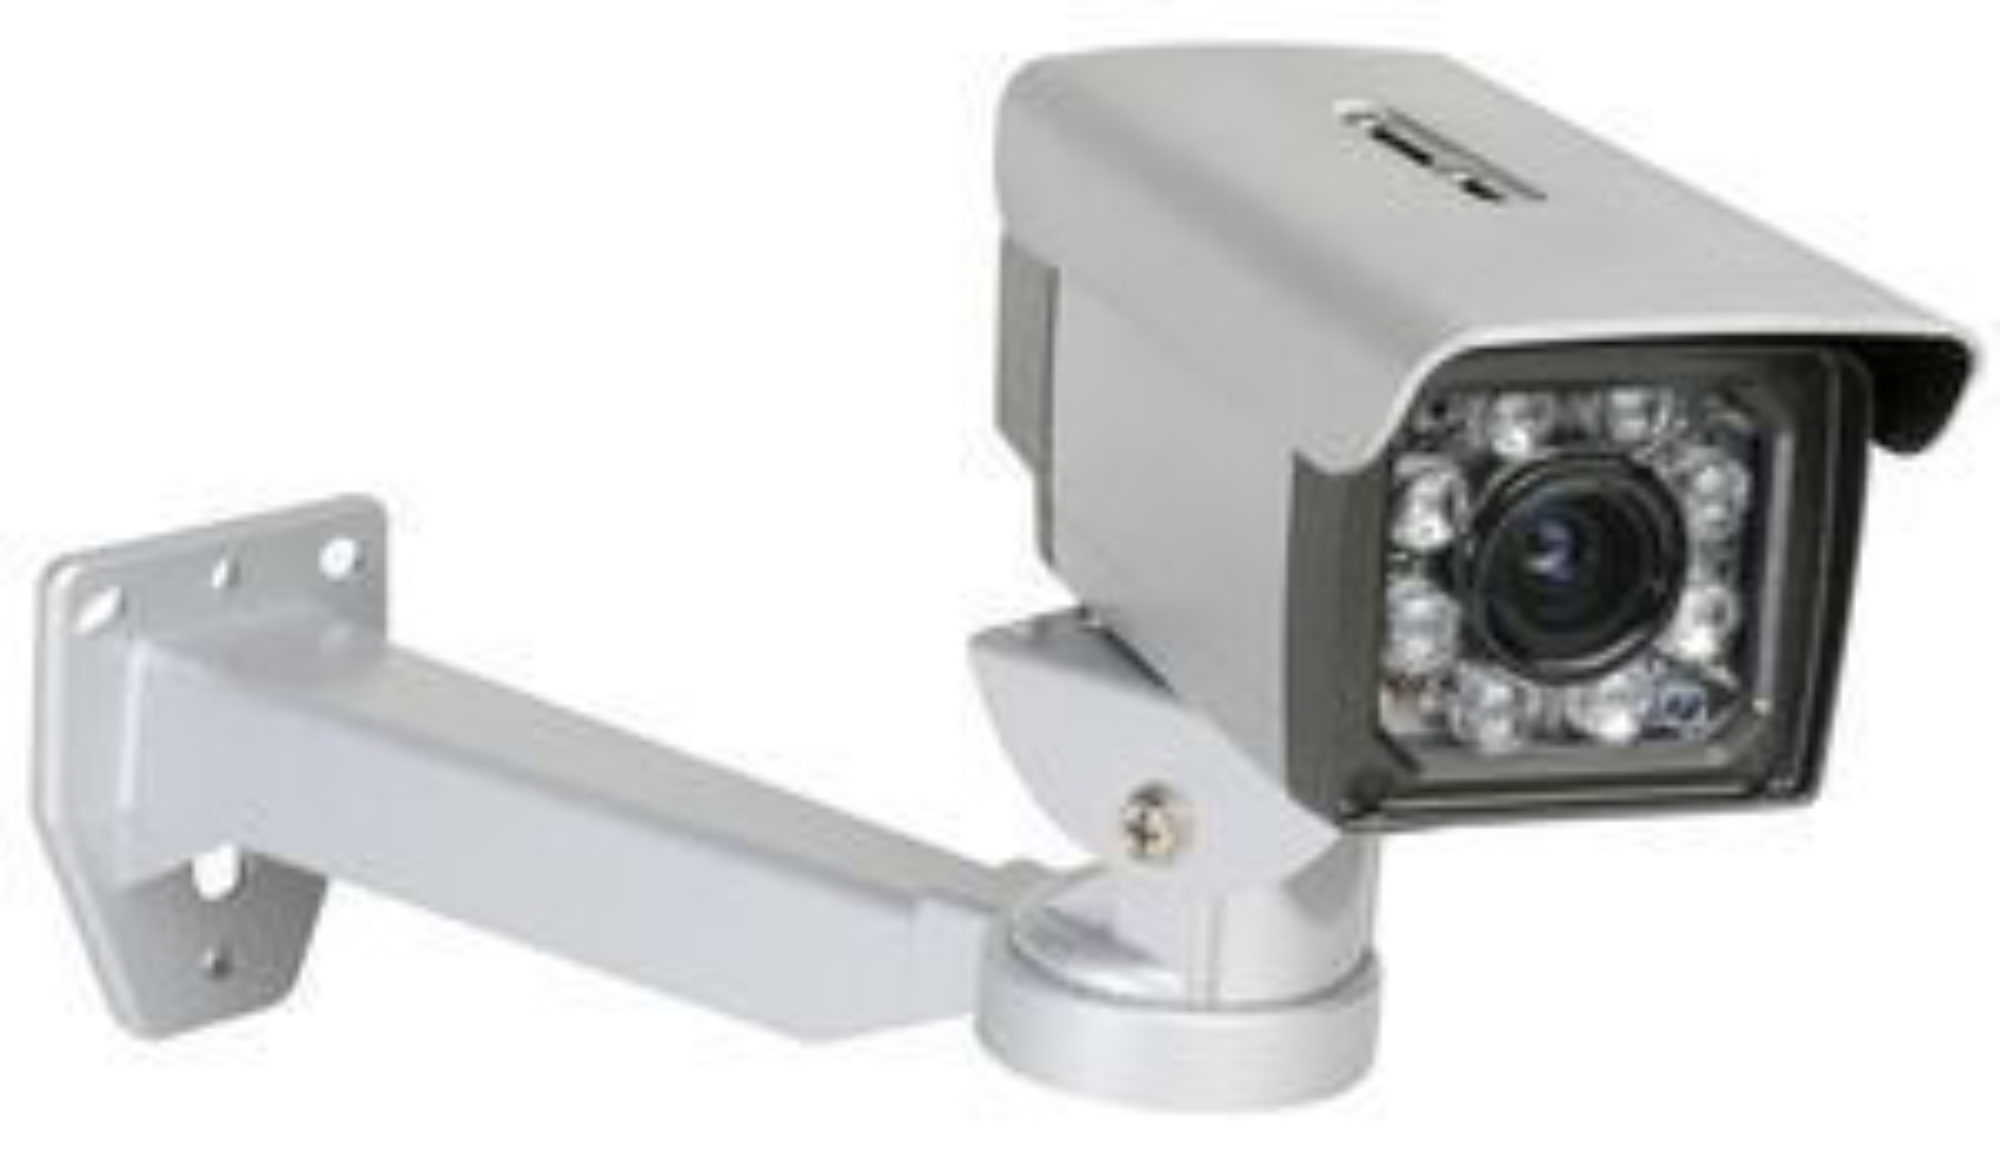 DCS-7410 er et utendørskamera med PoE (power over Ethernet), slik at signaler og driftsstrøm går over samme kabel.